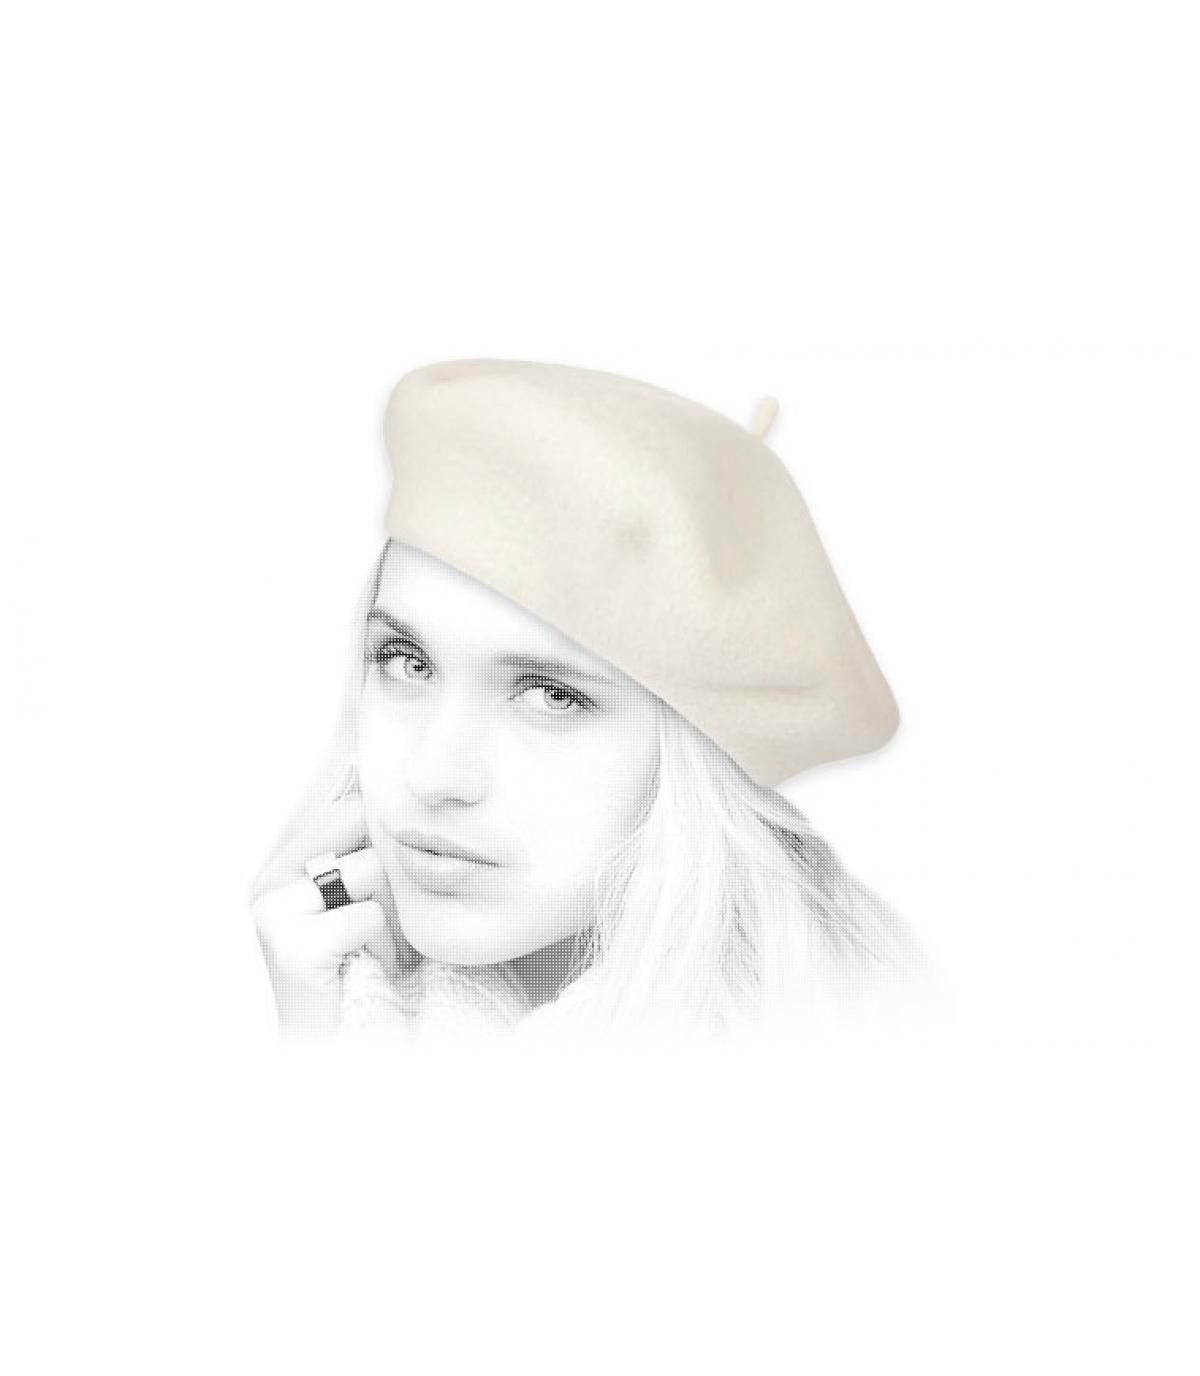 béret laine beige Laulhère